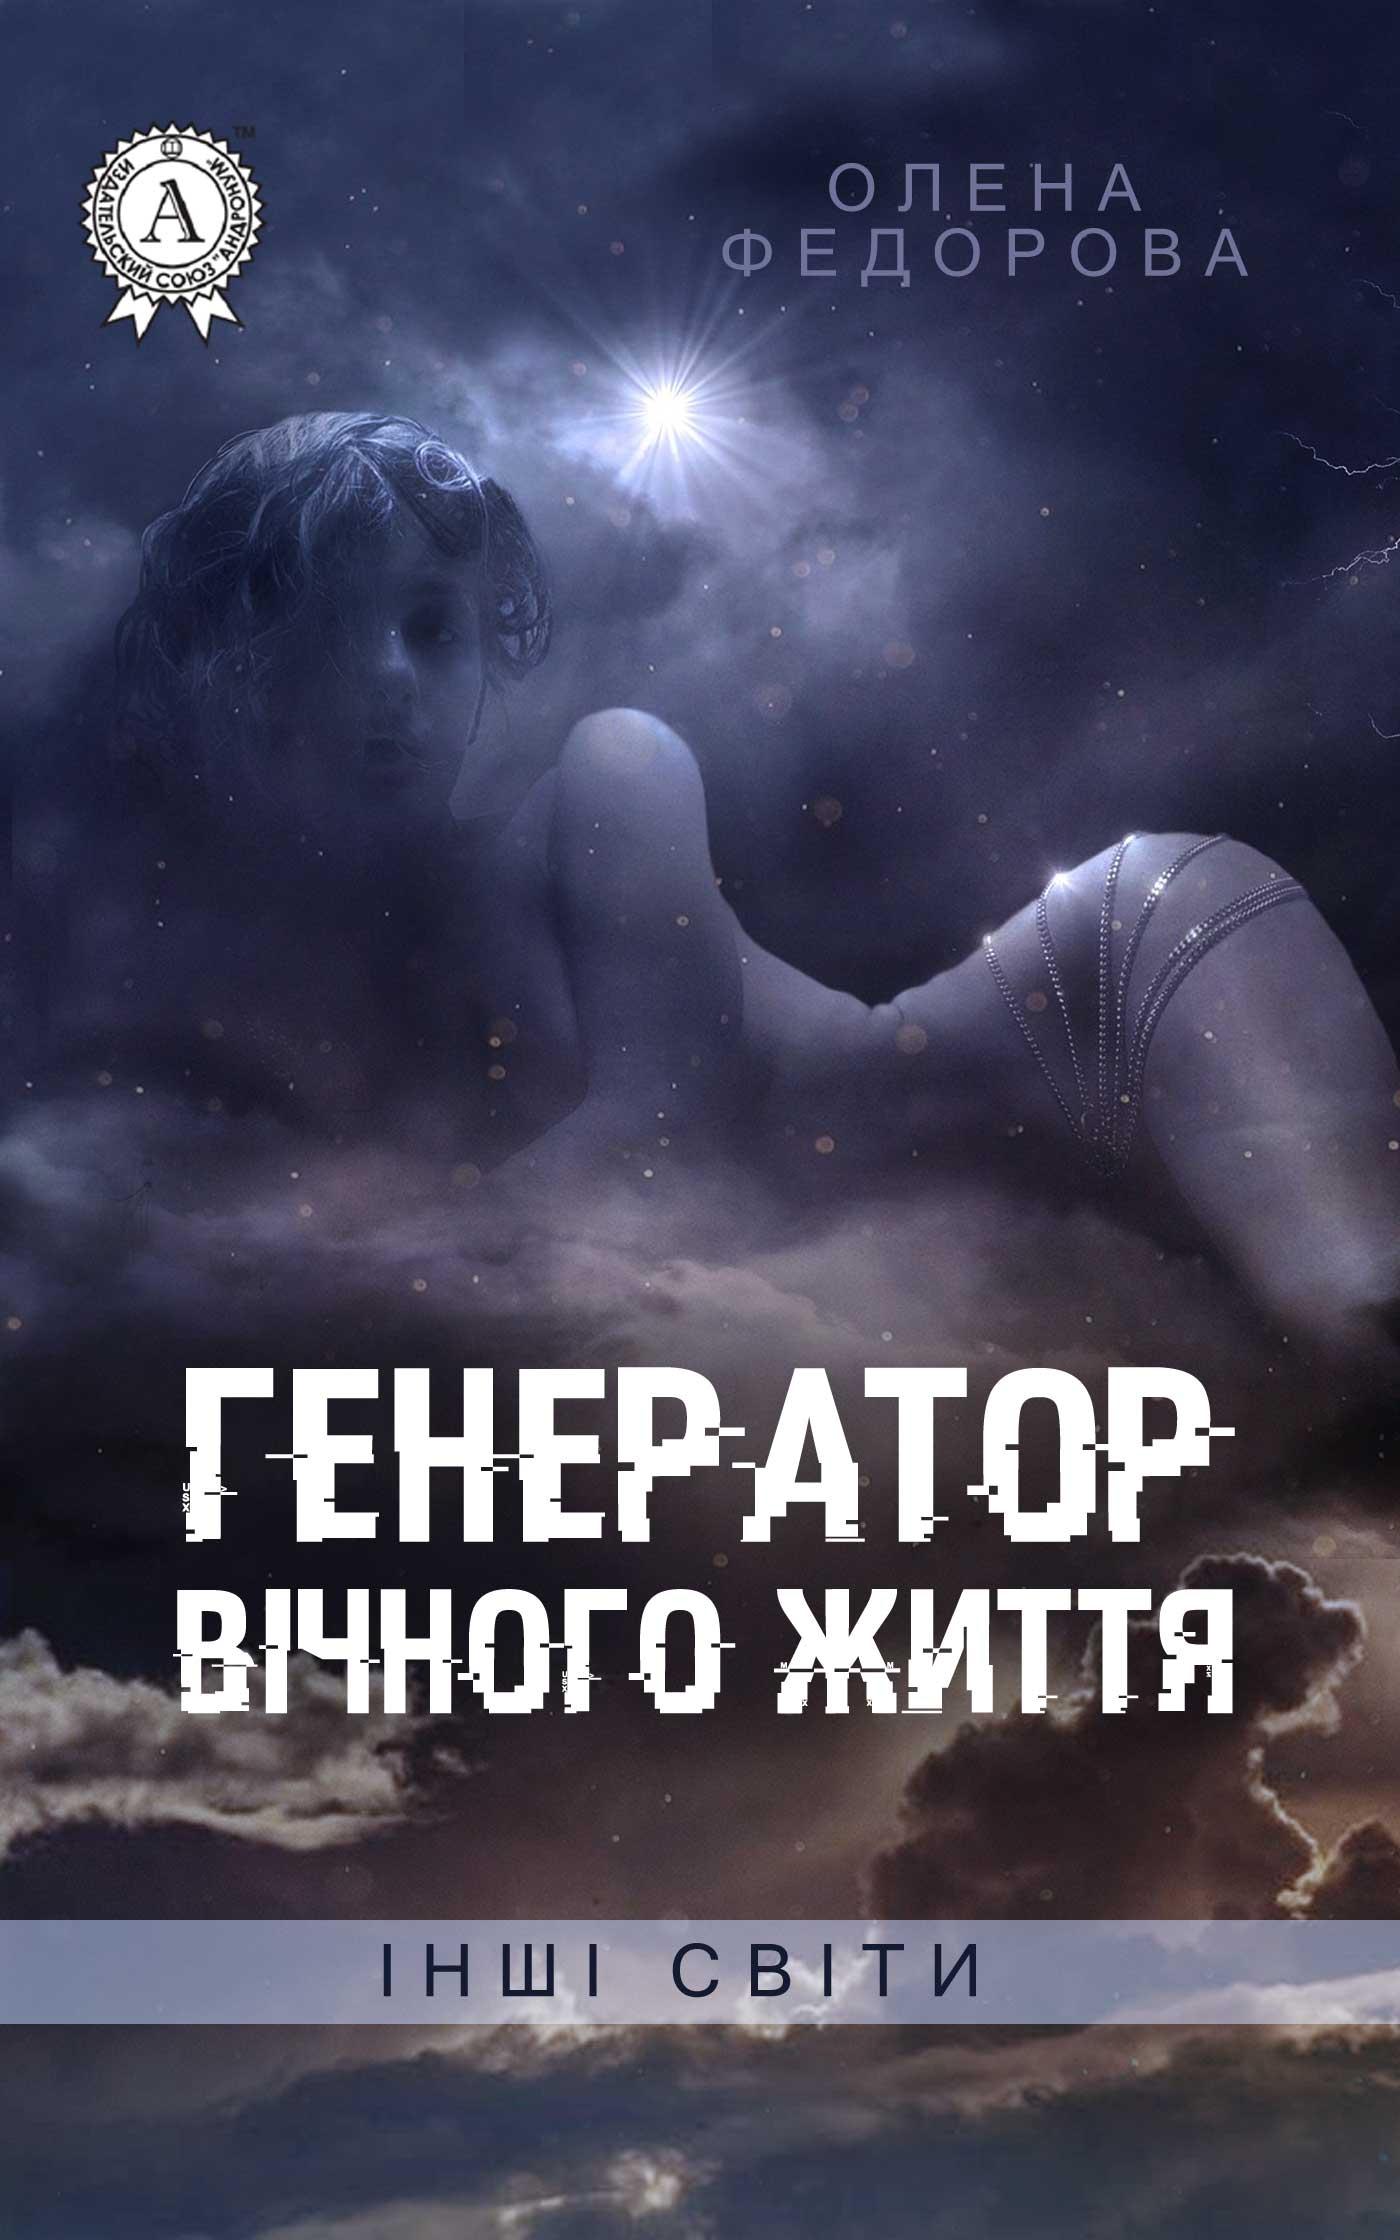 Олена Федорова Генератор вічного життя мари кондо викинь мотлох із життя мистецтво прибирання яке змінить вас назавжди